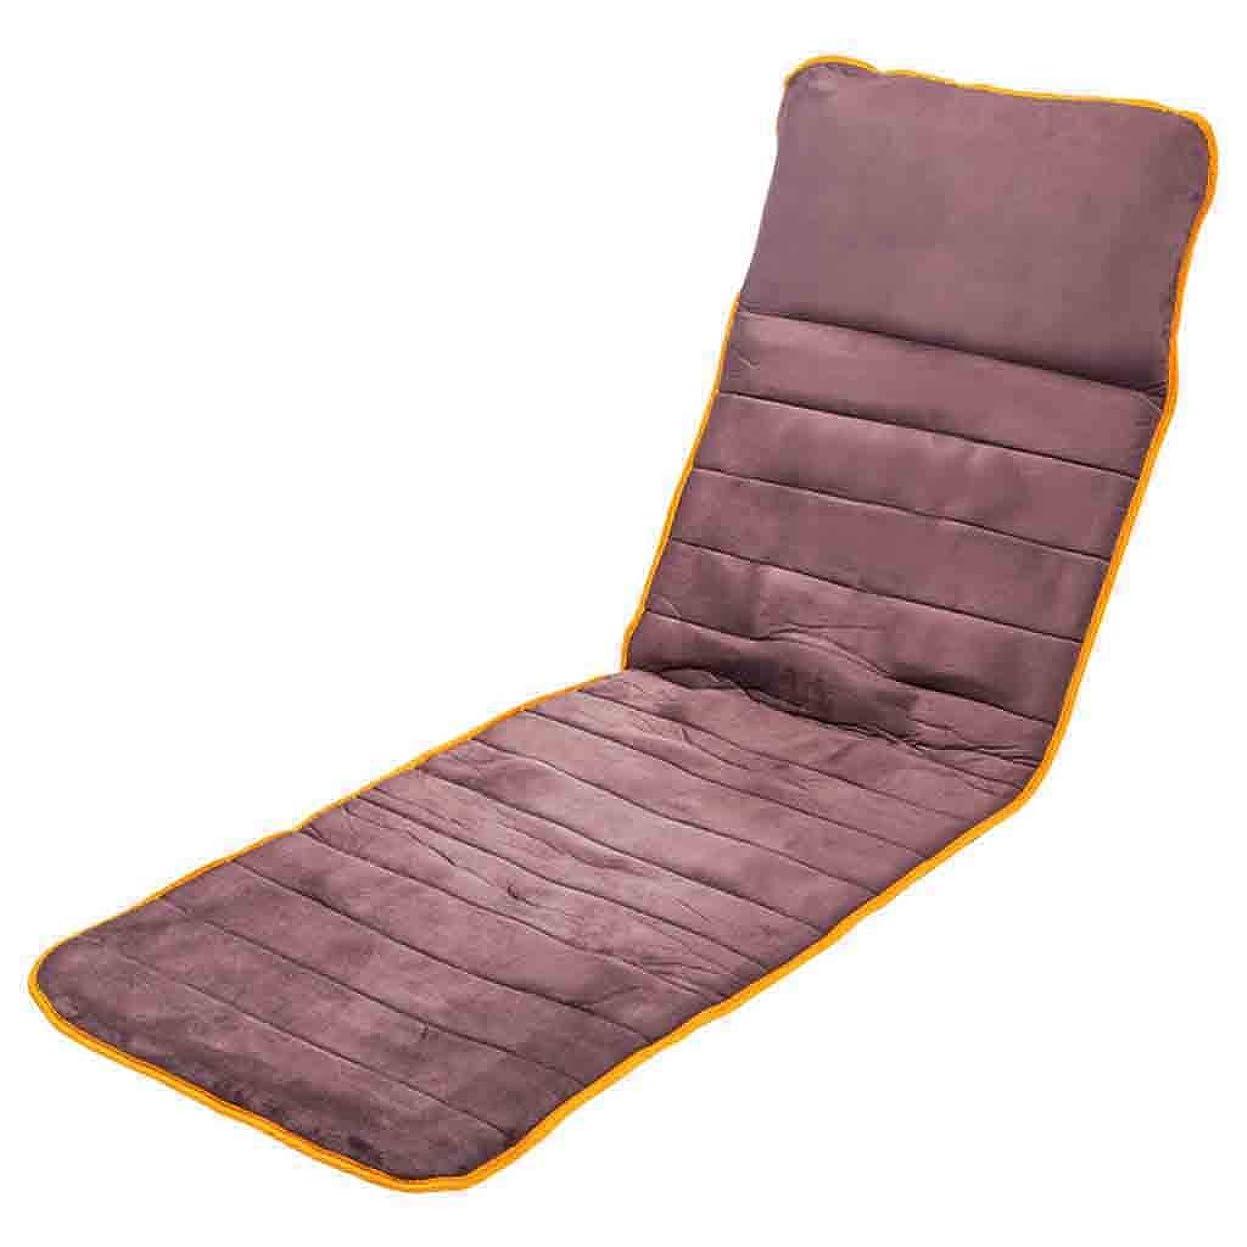 スキニー数学者大フルボディマッサージマットレスでなだめるような熱療法多機能指圧振動折りたたみ式電動マッサージマットウェルネス&リラクゼーション腰痛脚の痛みを軽減,Brown,172cmx59cm